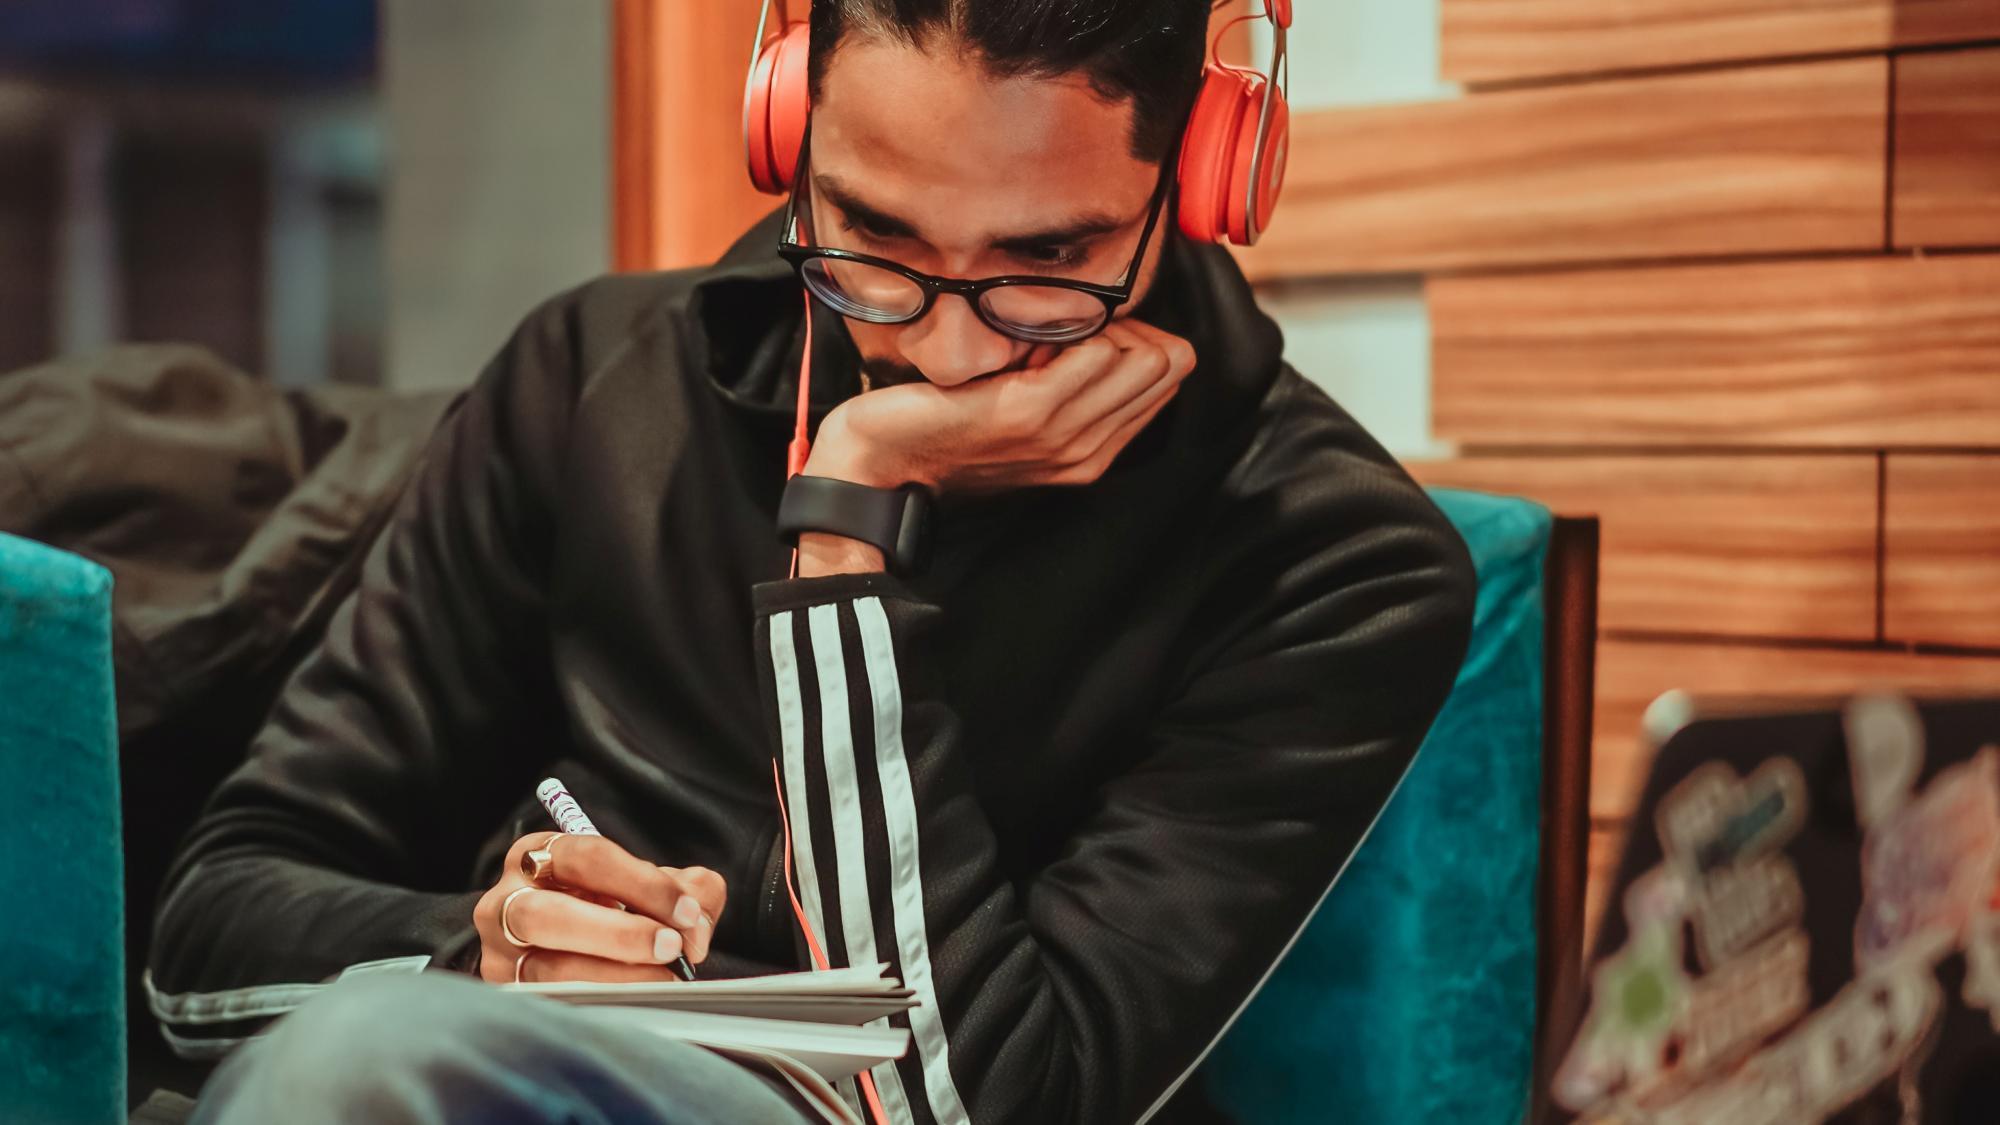 Nuori mies opiskelee kuulokkeet päässä